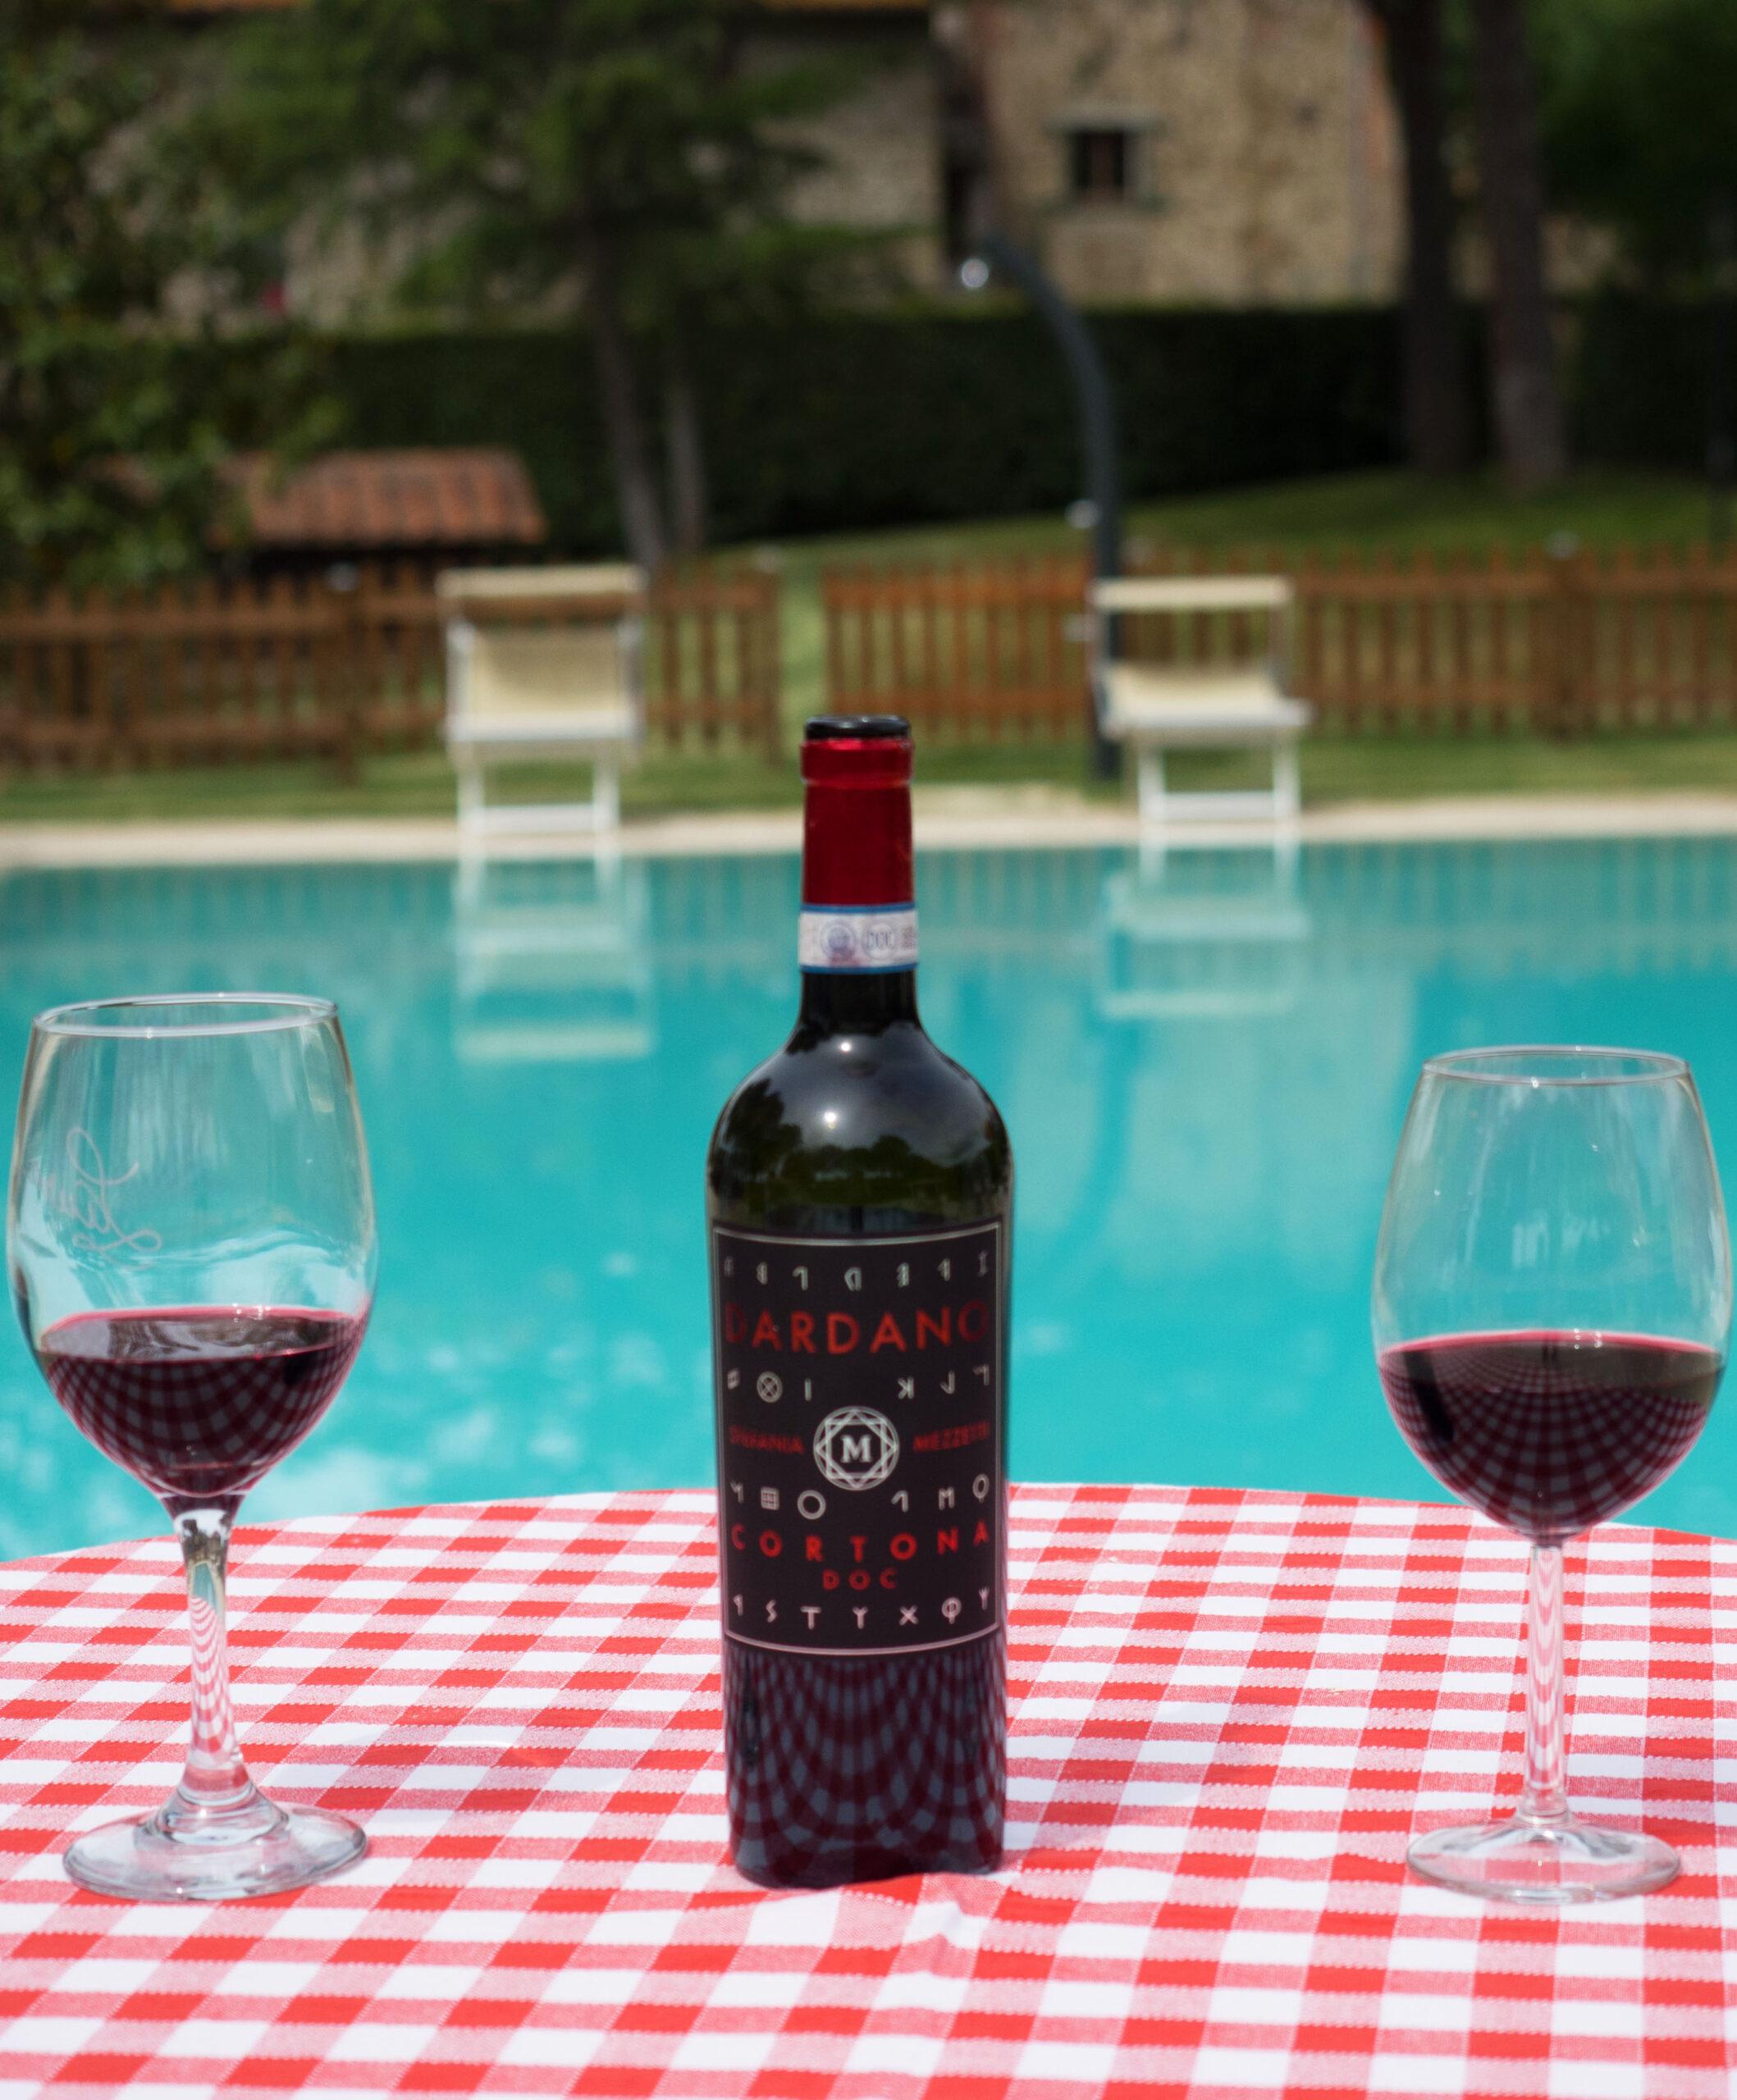 una bottiglia di vino a bordo piscina